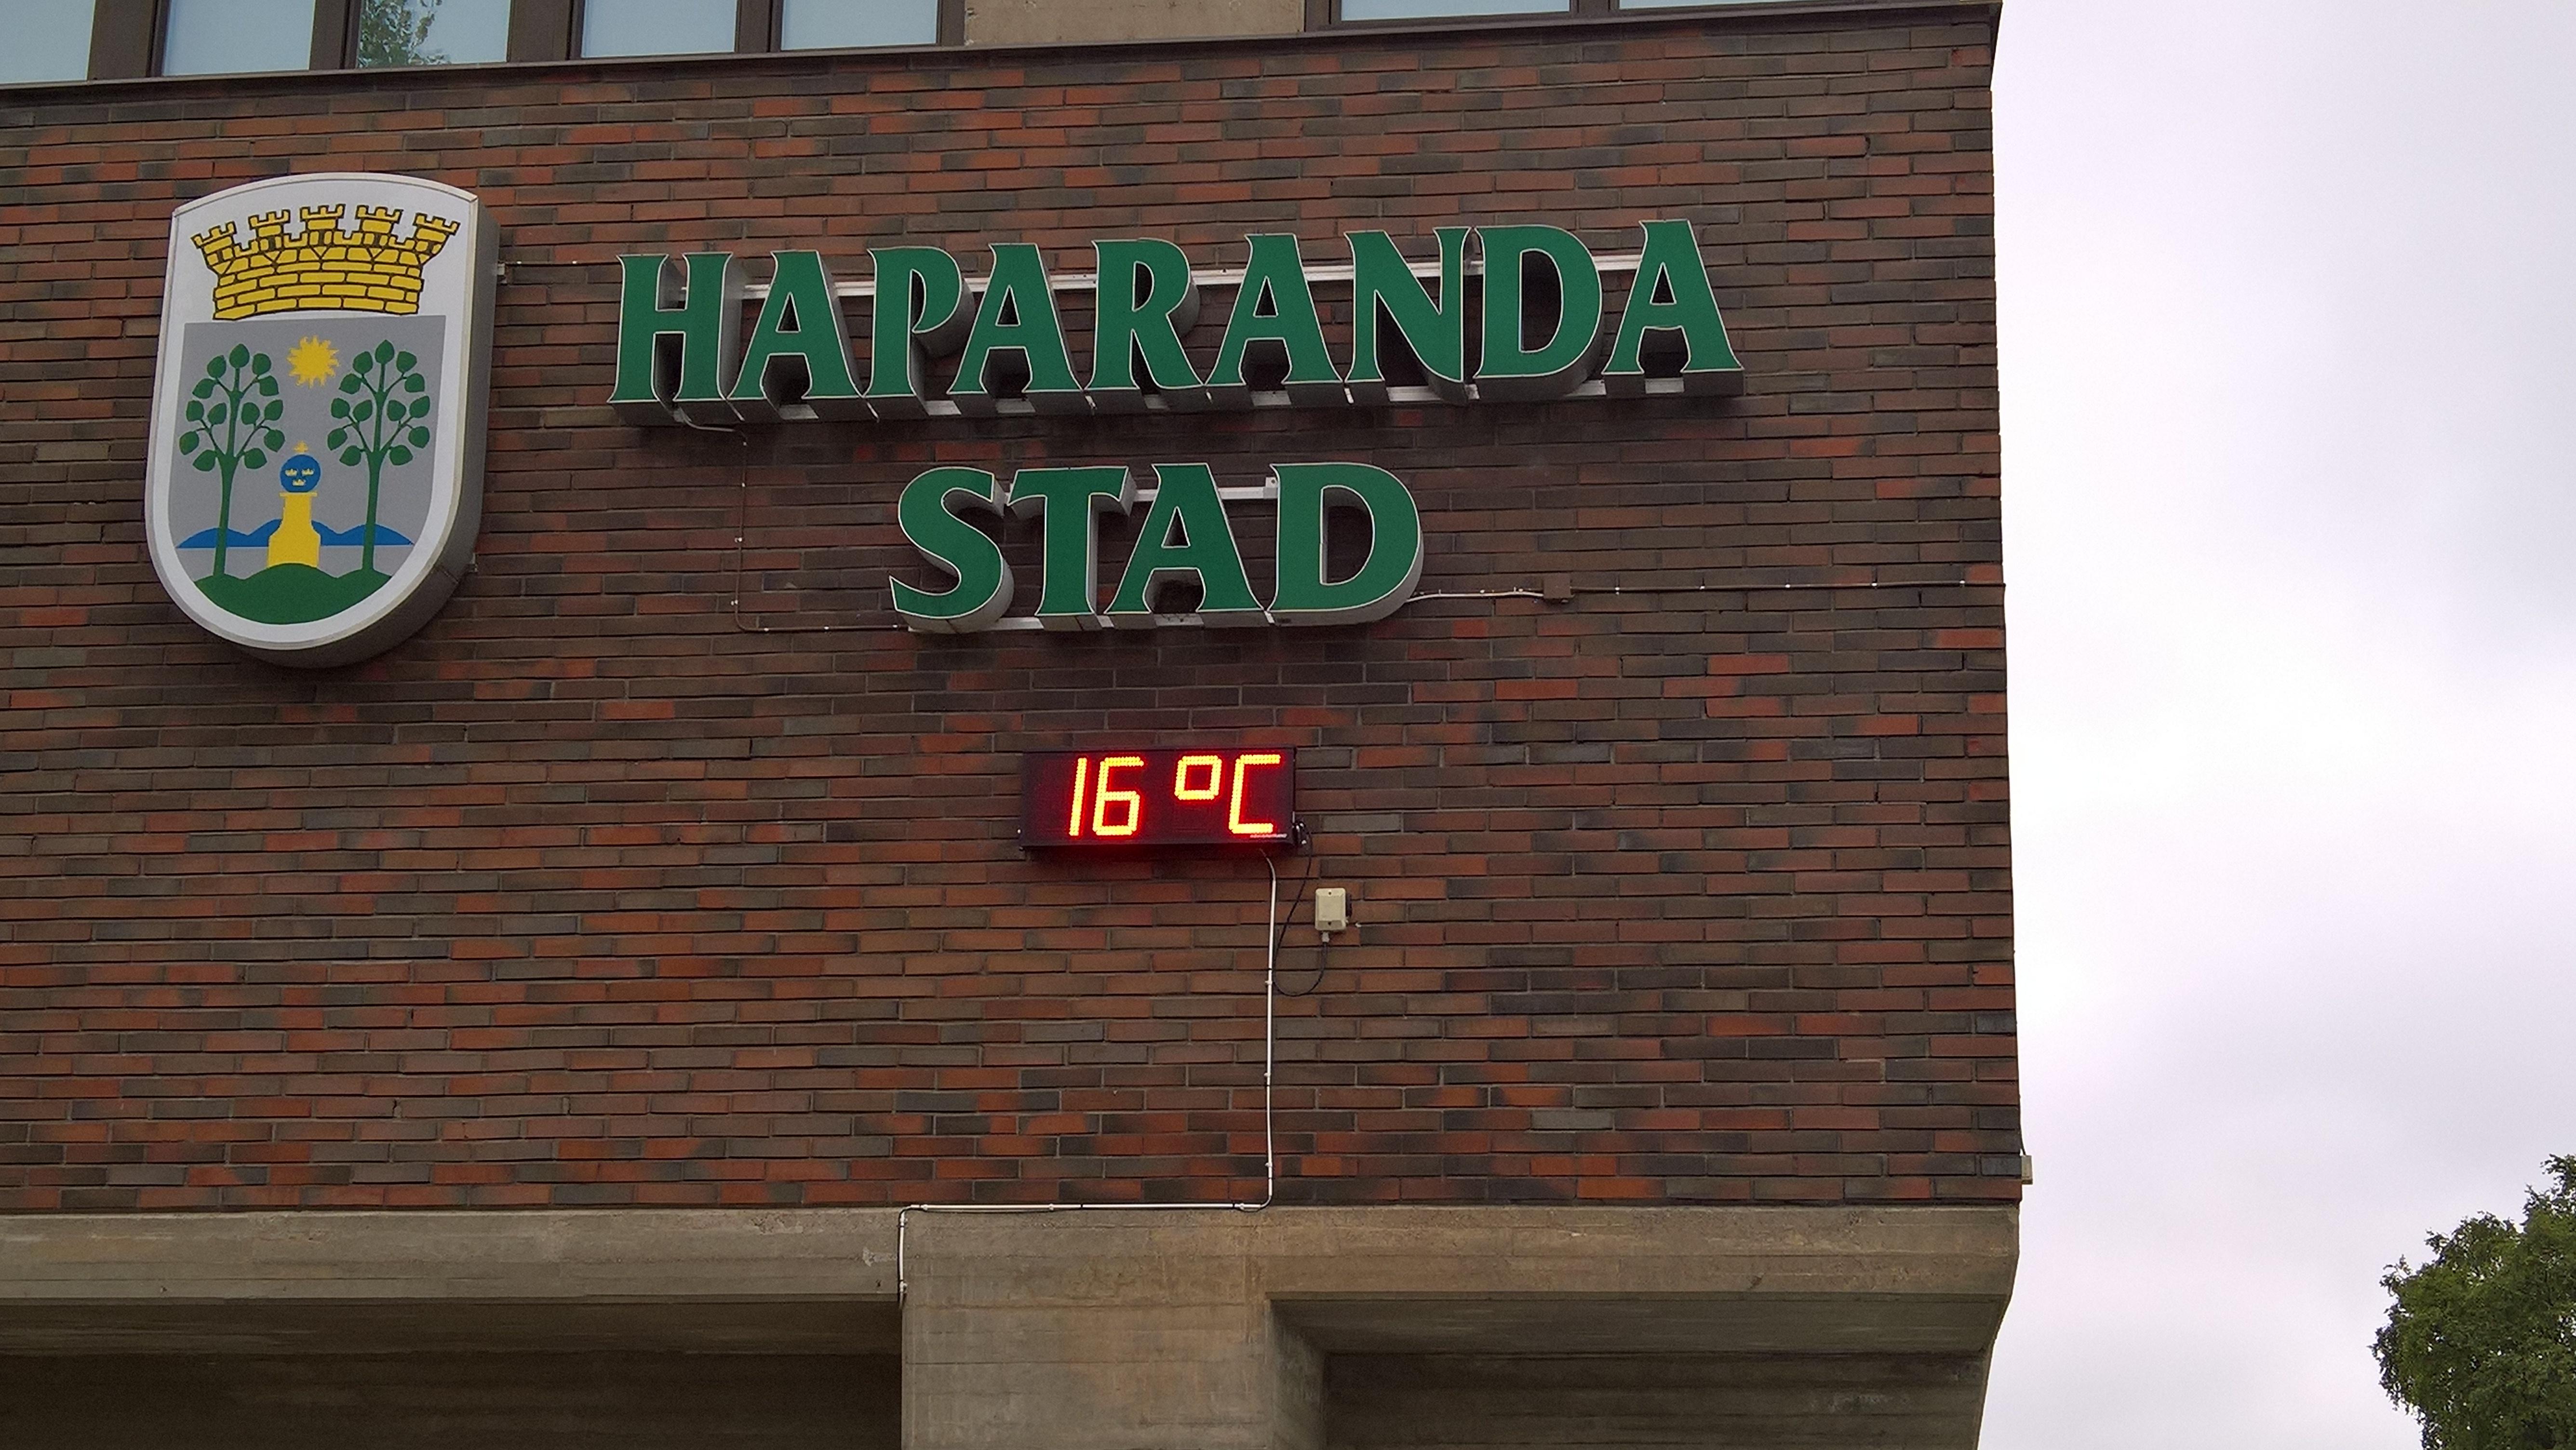 Haparanda, toppen af den botniske bugt